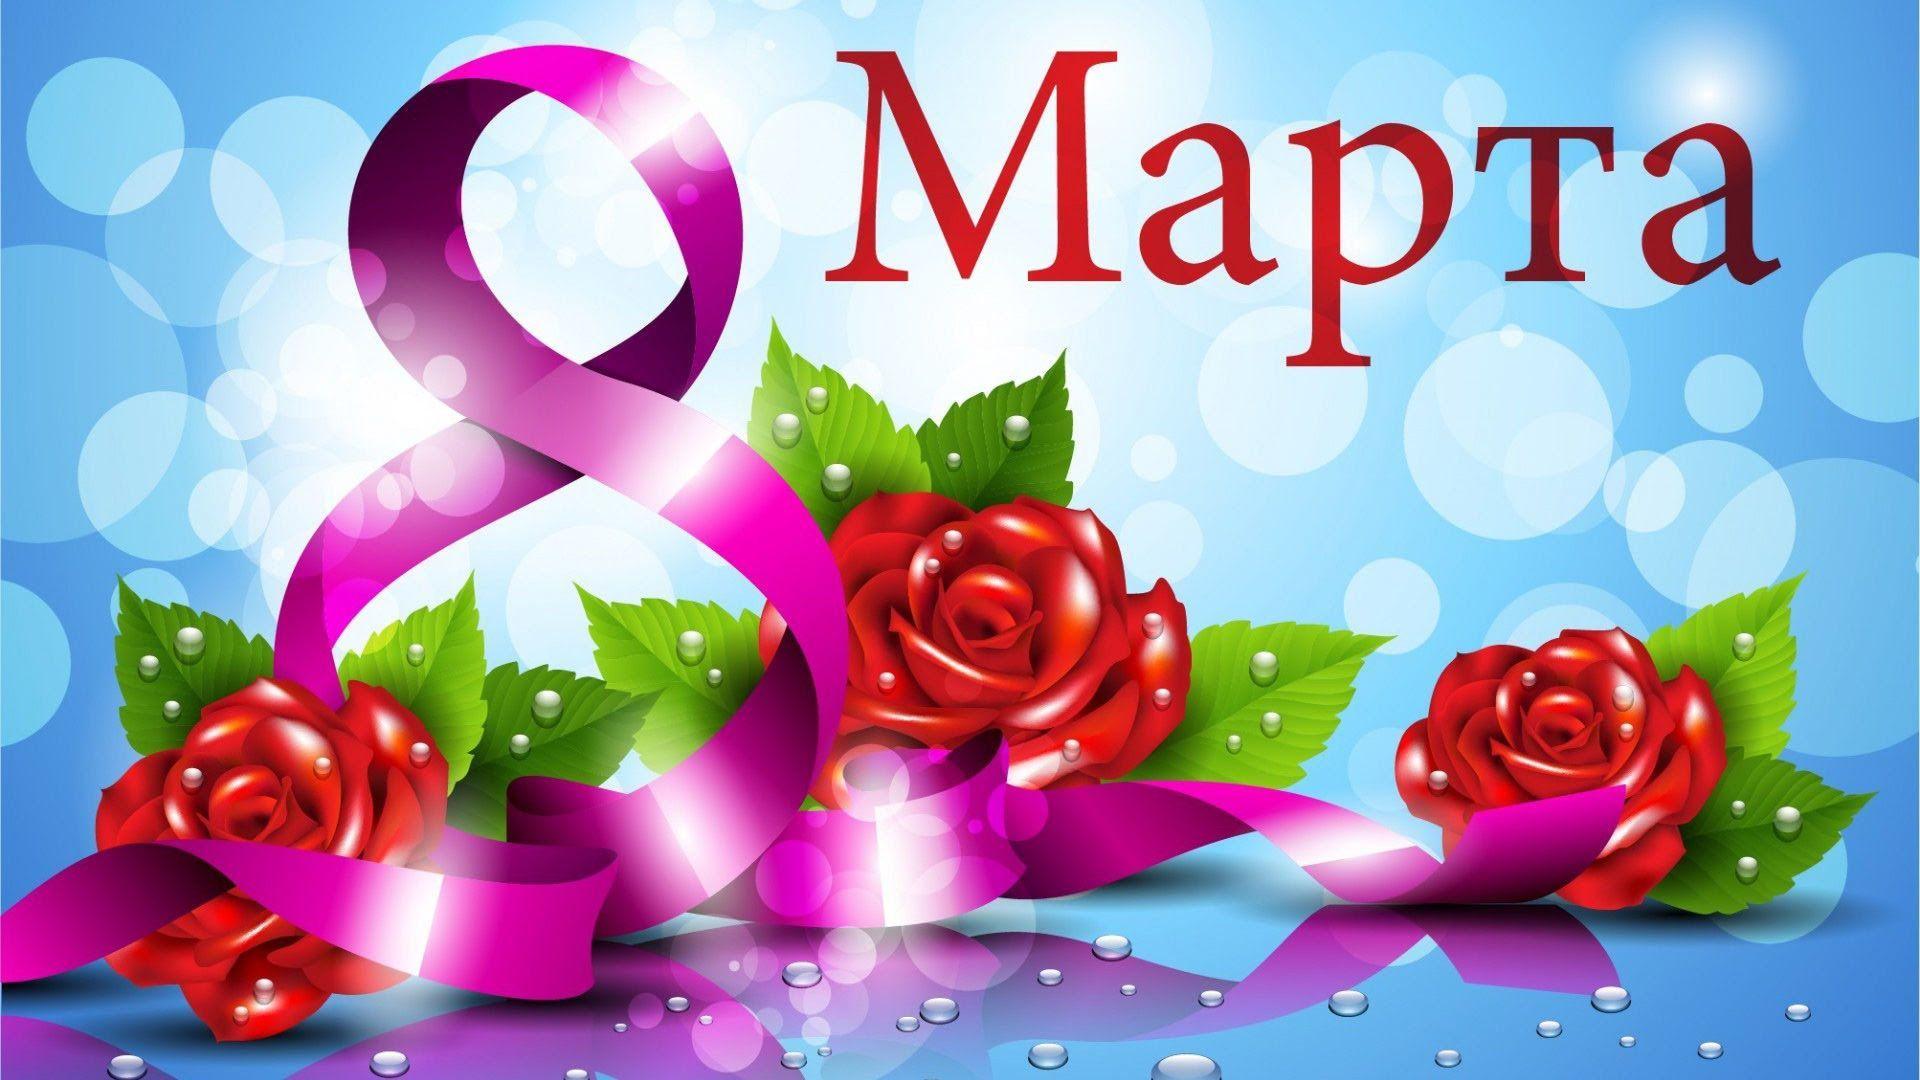 Поздравьте маму, сестру, девушку, жену, дочь, бабушку с Международным Женским днем 8 Марта. У нас можете скачать красивые поздравления.